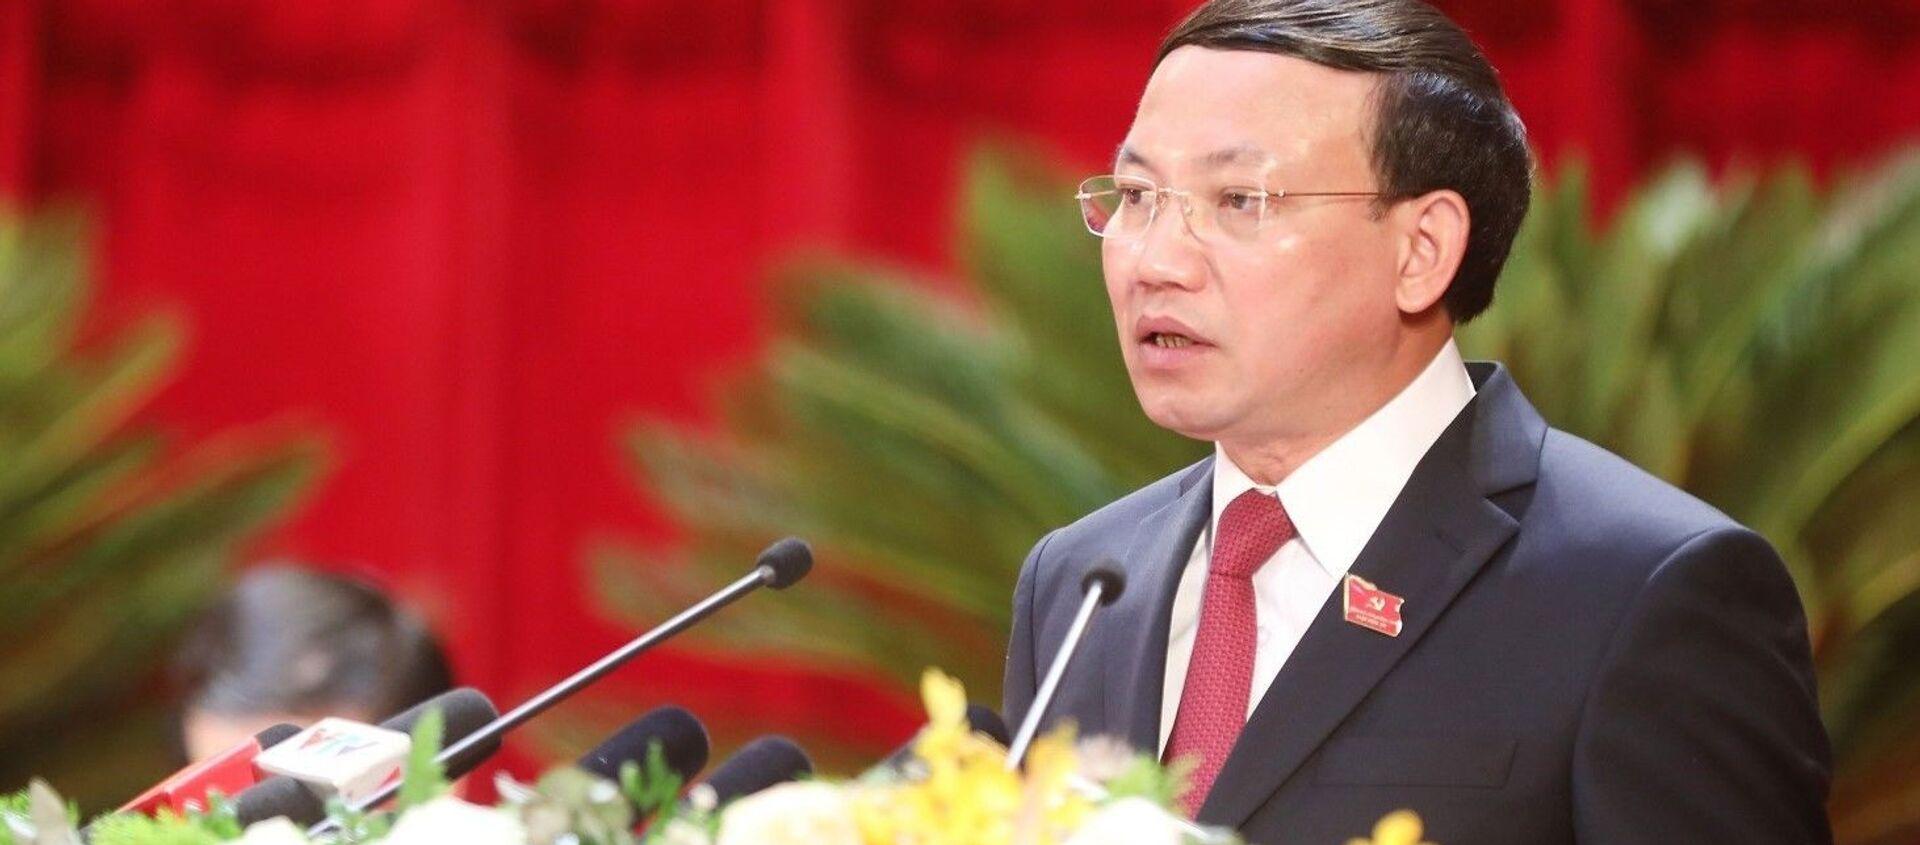 Bí thư Tỉnh ủy Quảng Ninh Nguyễn Xuân Ký nhiệm kỳ 2020 - 2025 phát biểu tại Đại hội - Sputnik Việt Nam, 1920, 27.09.2020